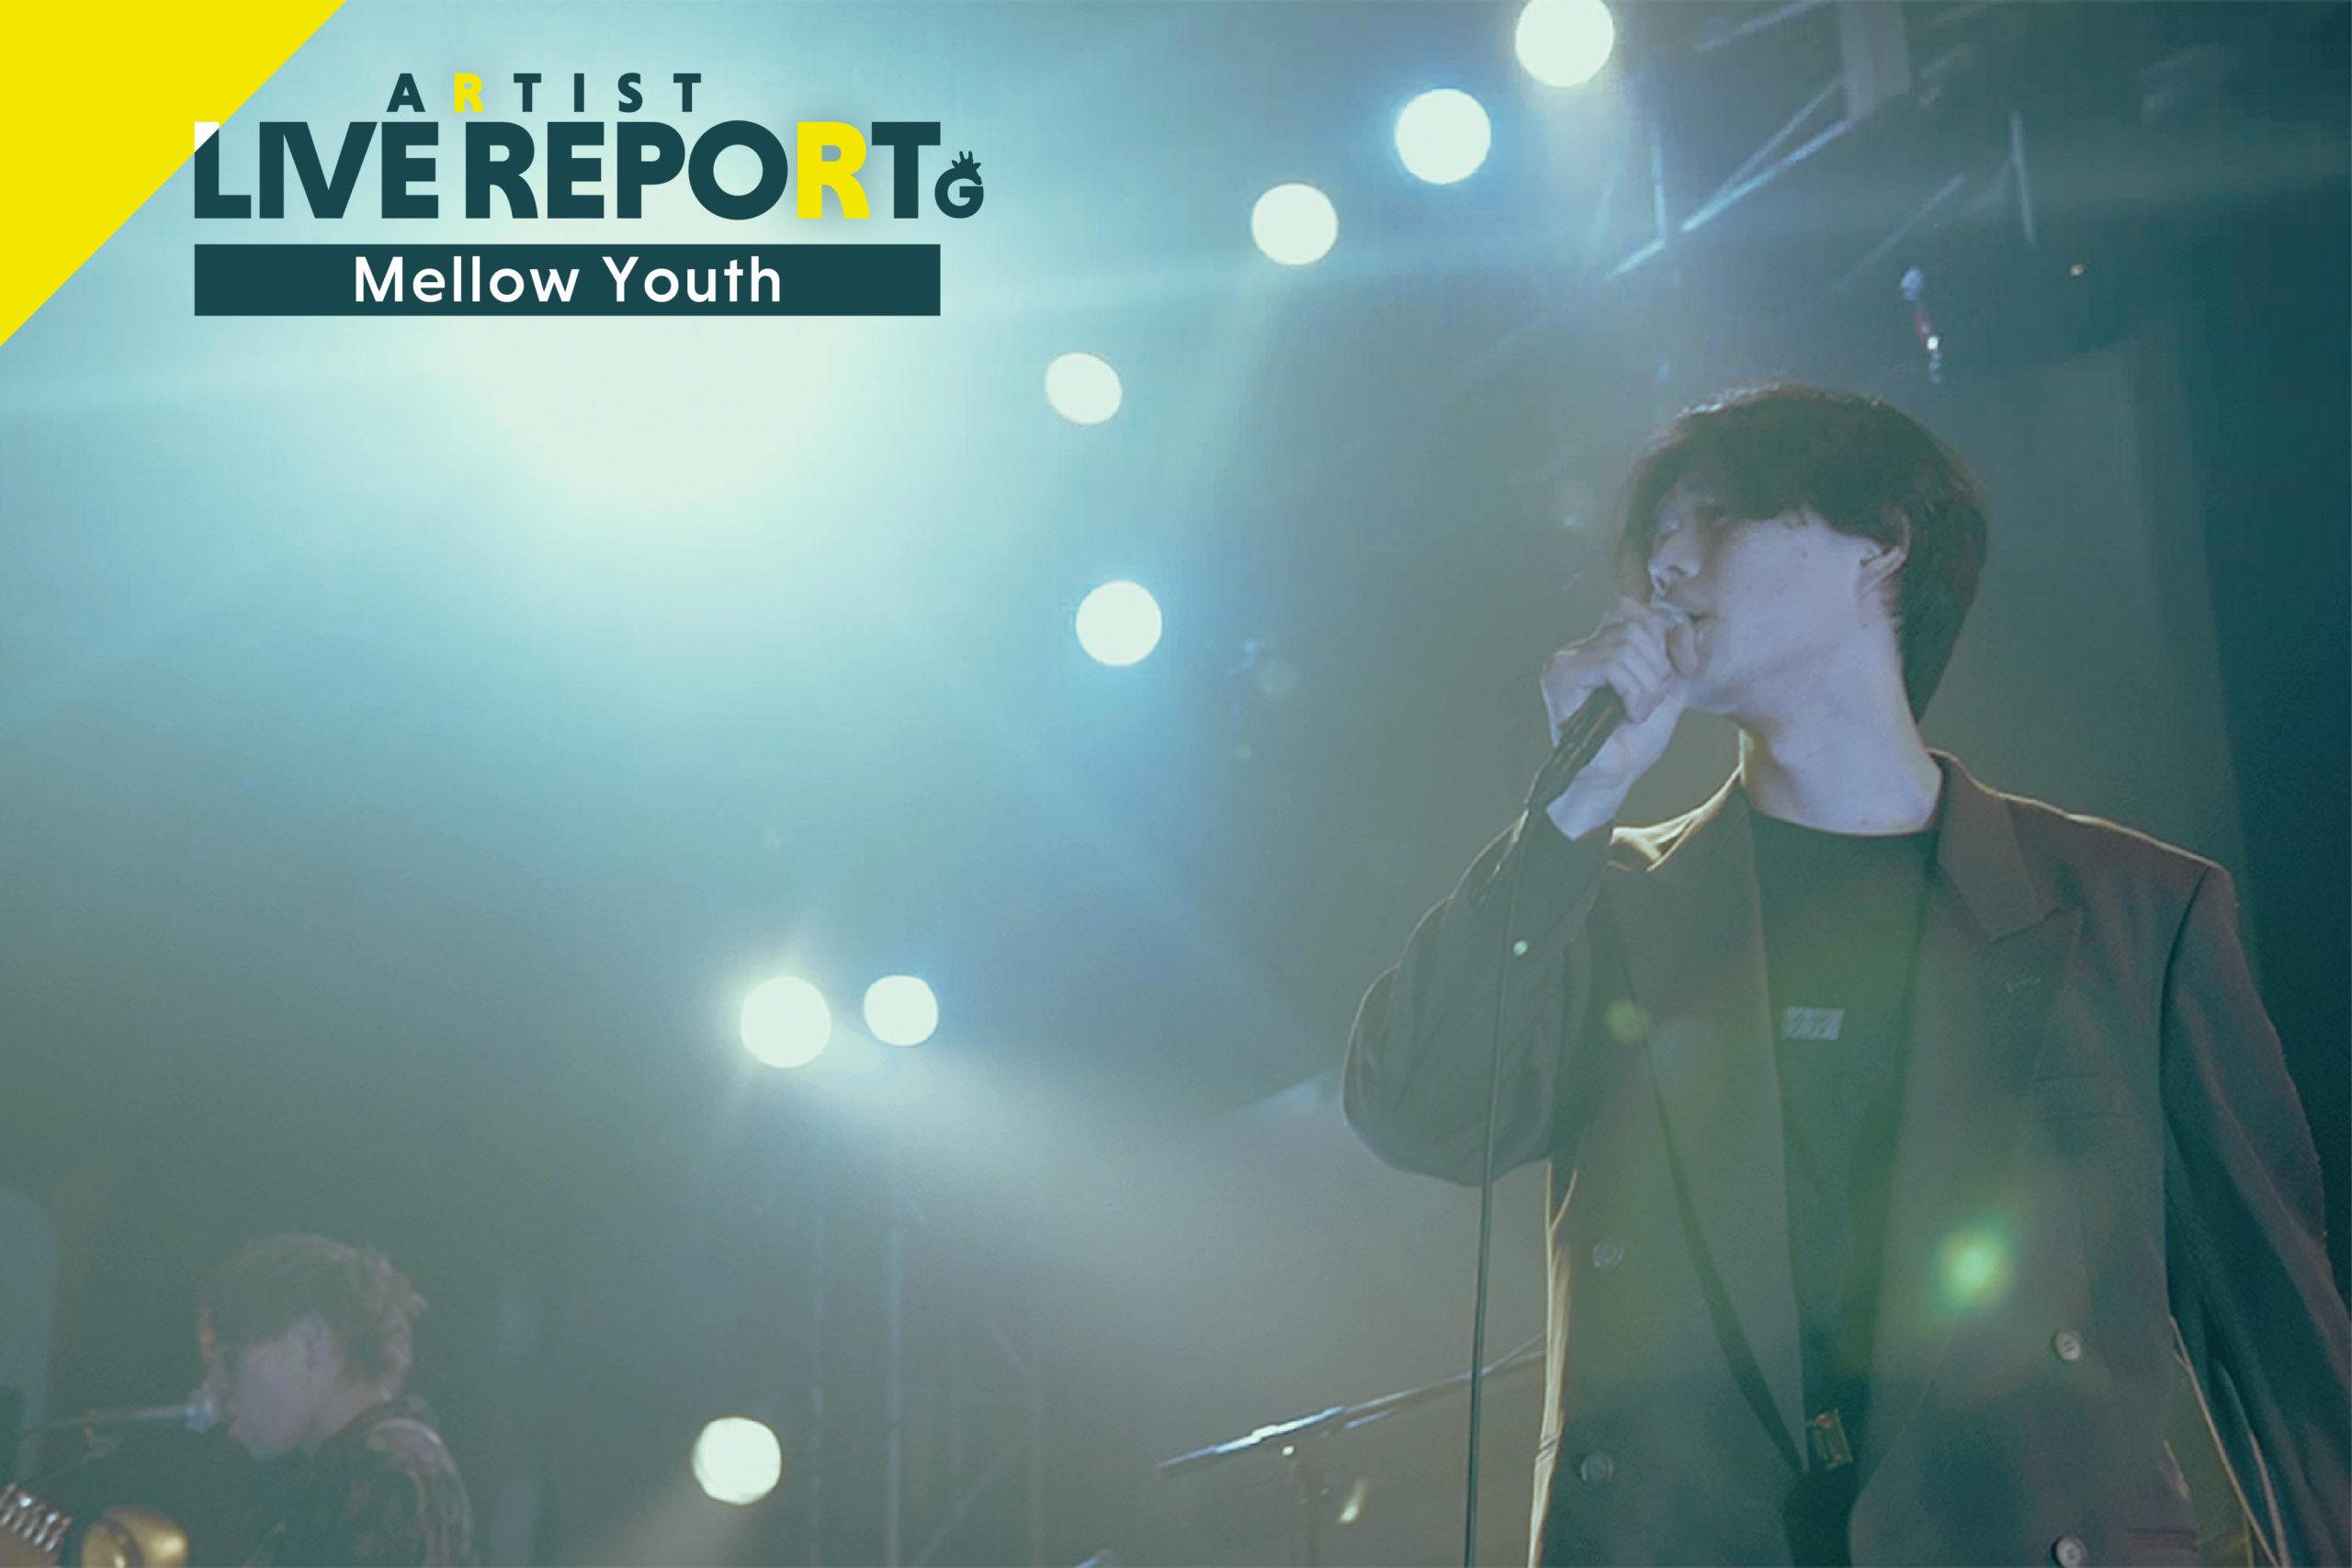 「【ライブレポート】Mellow Youthが魅せた新世界、「ライブハウスこそが僕らの居場所」」のアイキャッチ画像